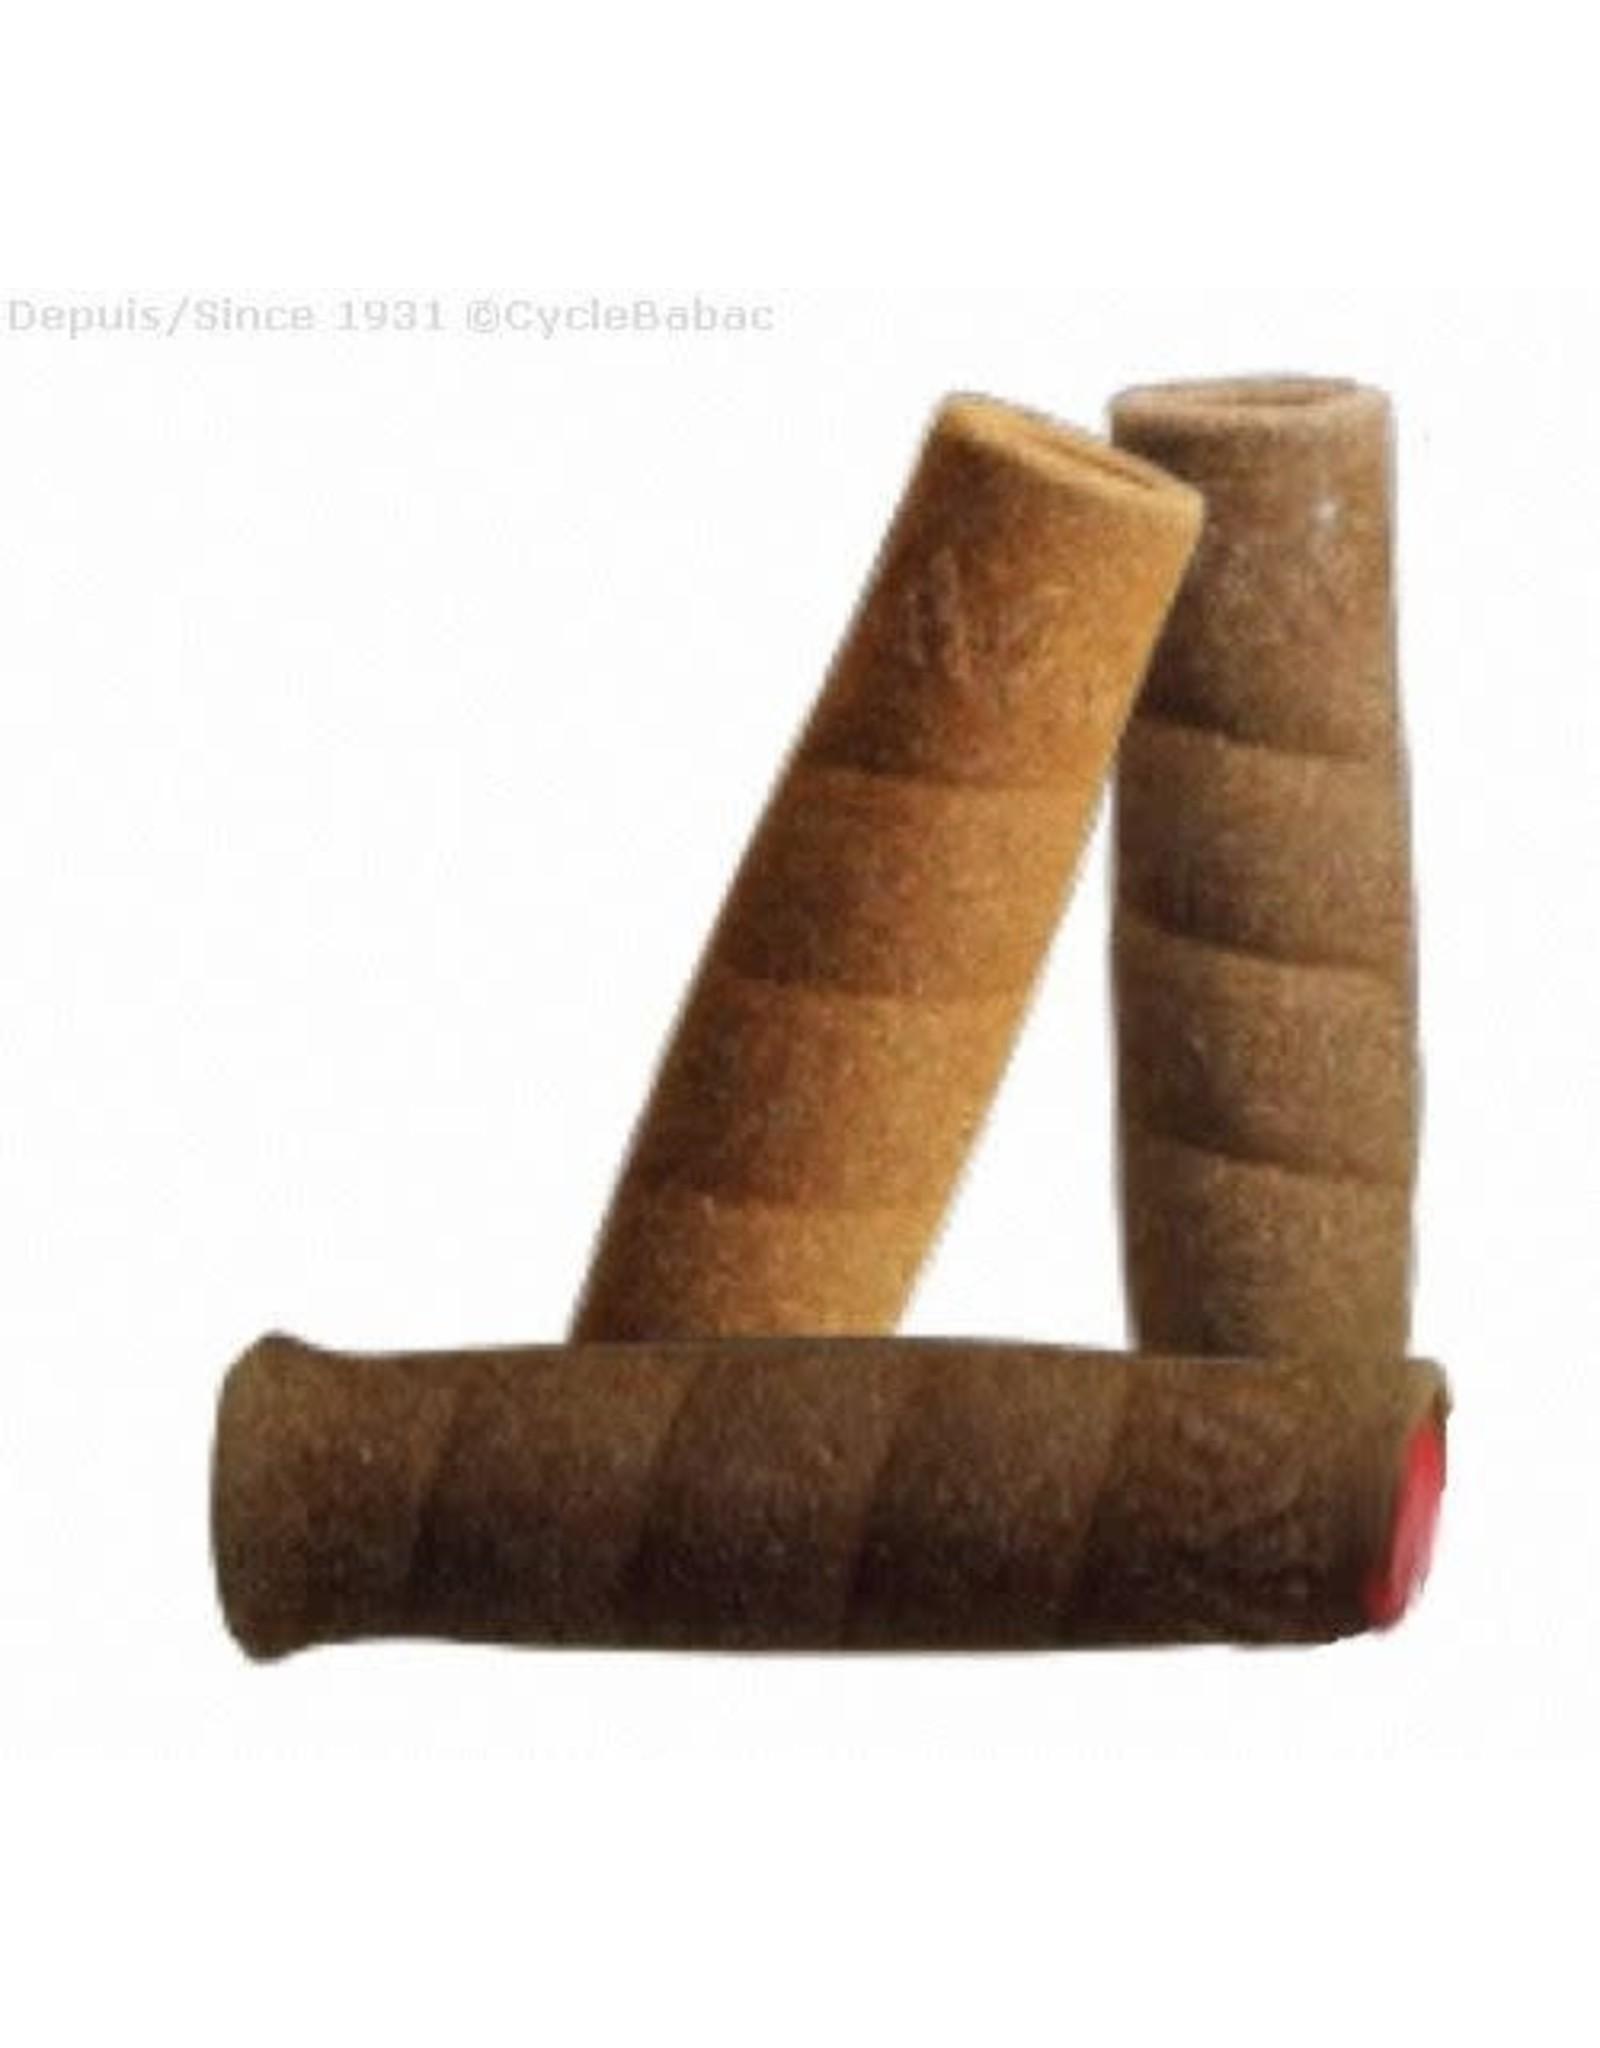 VELO Cork Grips 125MM